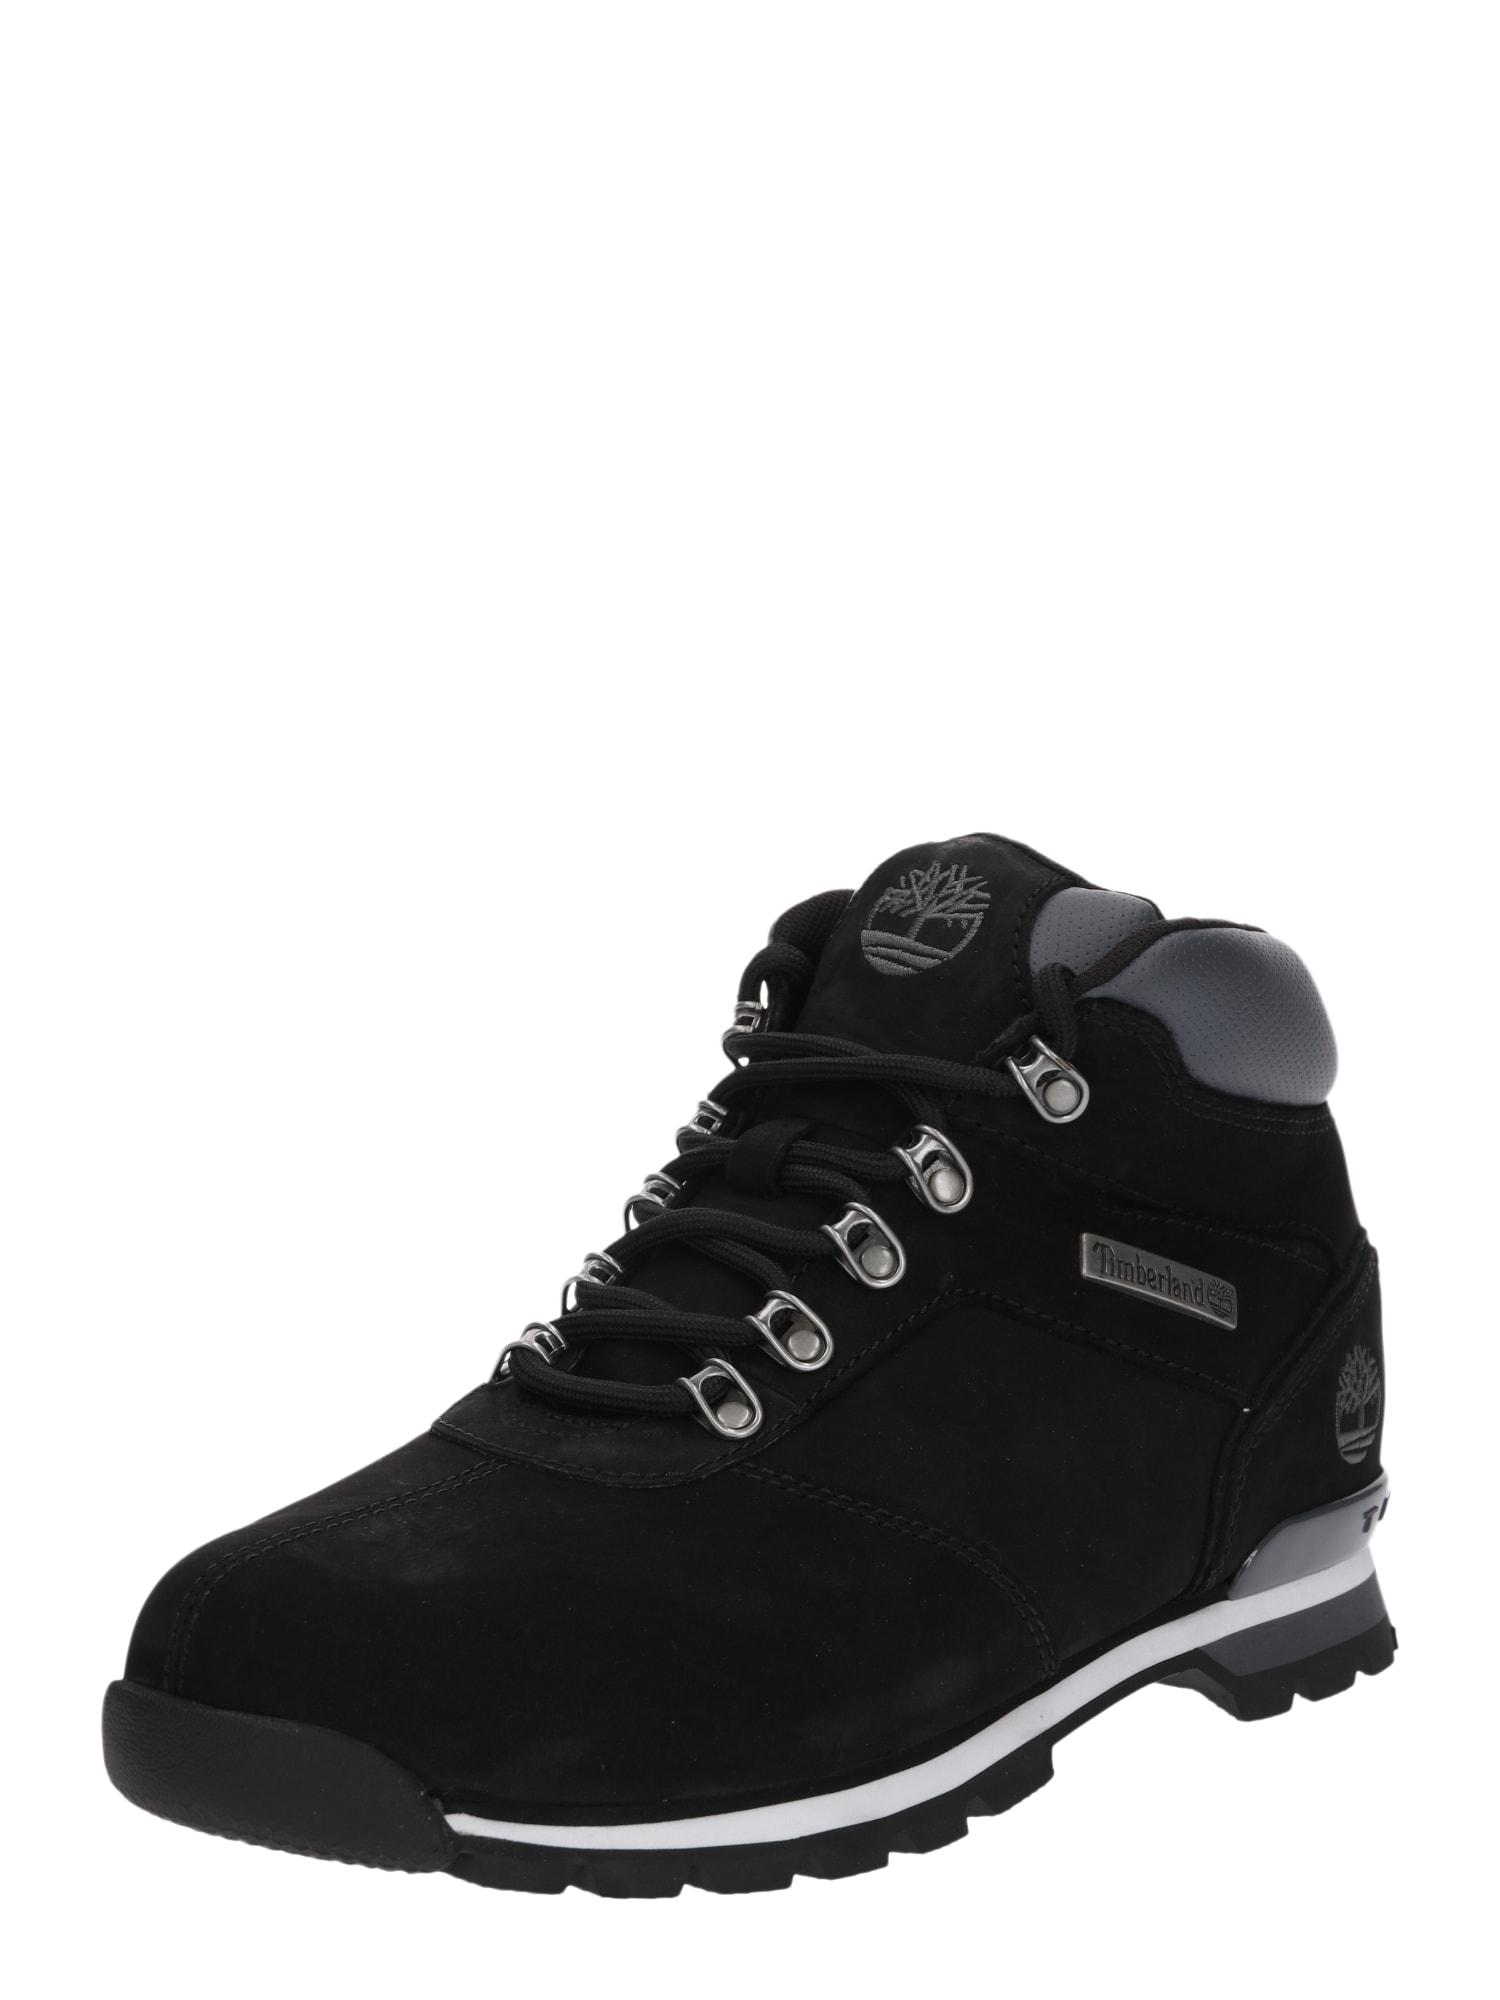 Šněrovací boty Splitrock 2 černá TIMBERLAND